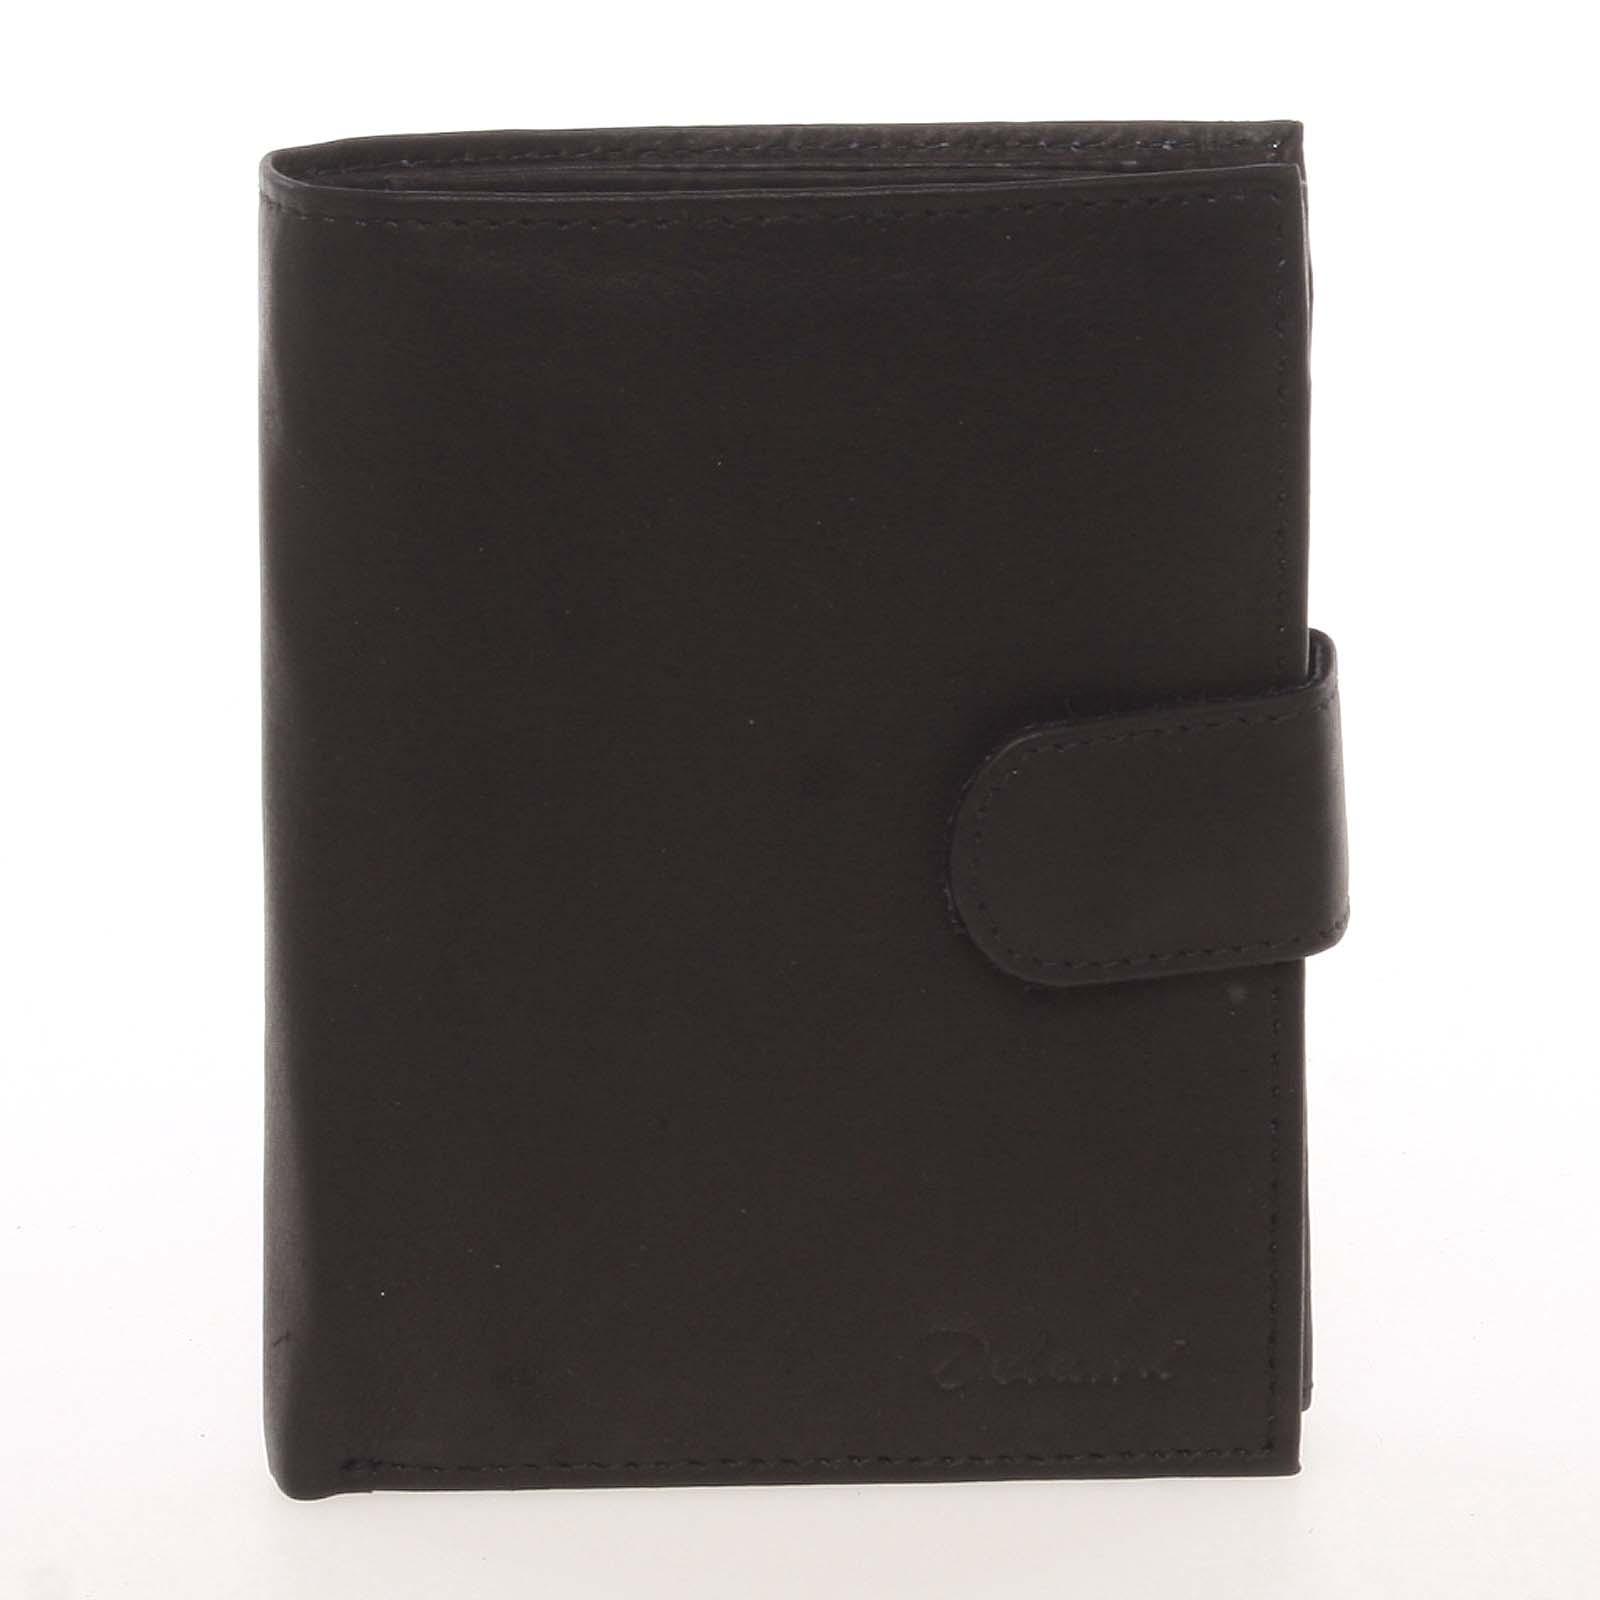 Módní pánská kožená černá peněženka - Delami Chappel